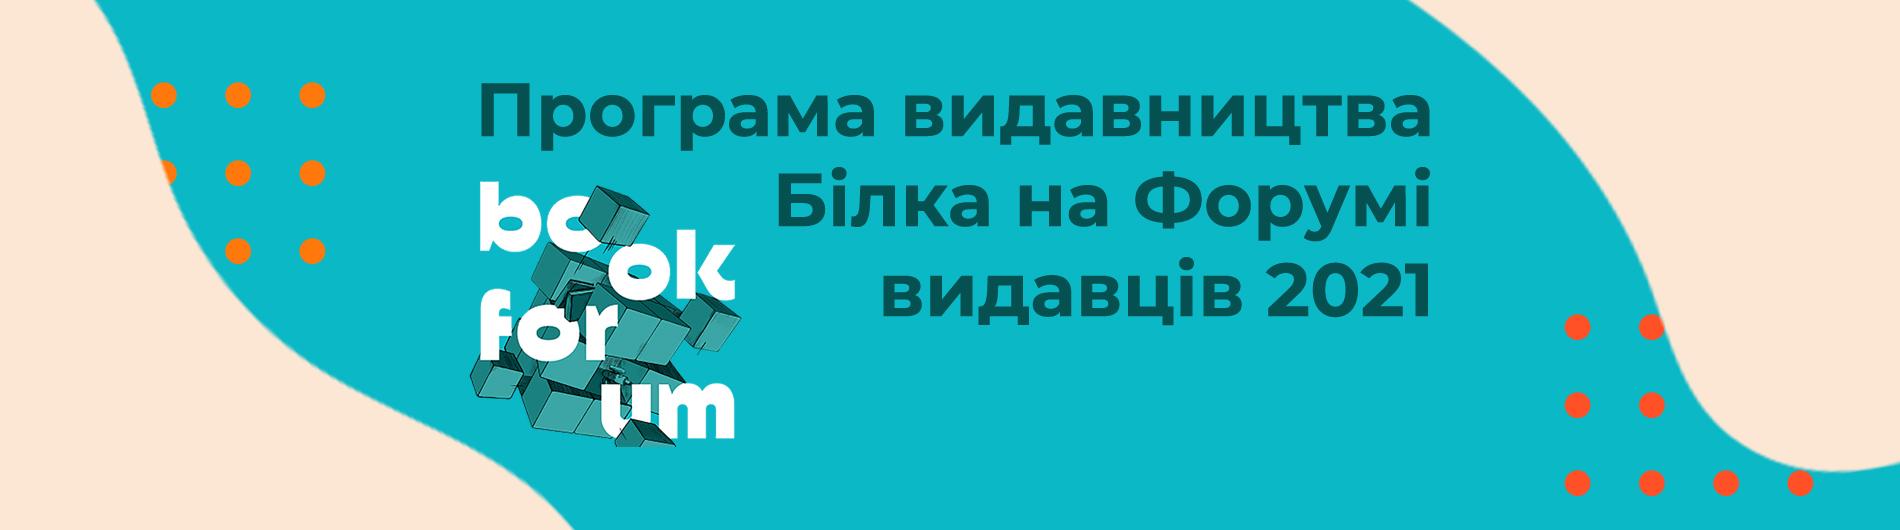 Програма видавництва Білка на Форумі видавців 2021